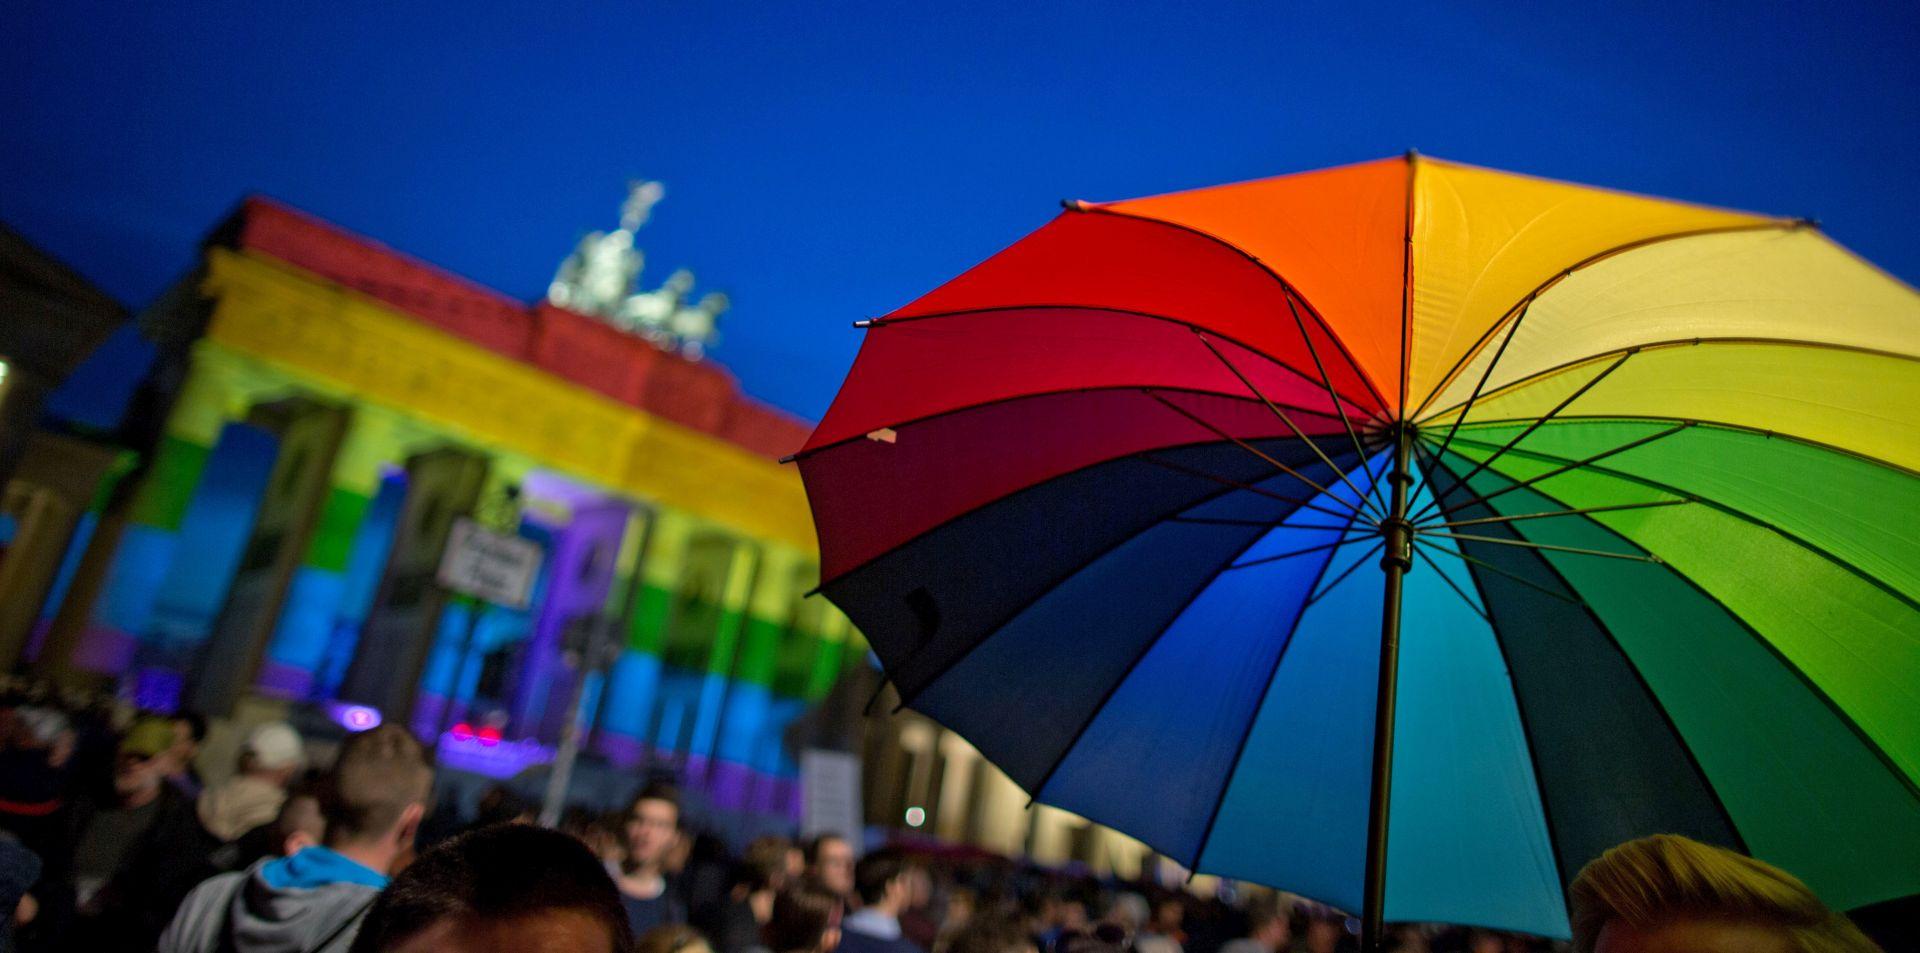 Turska zabranila LGBT događaje u Ankari